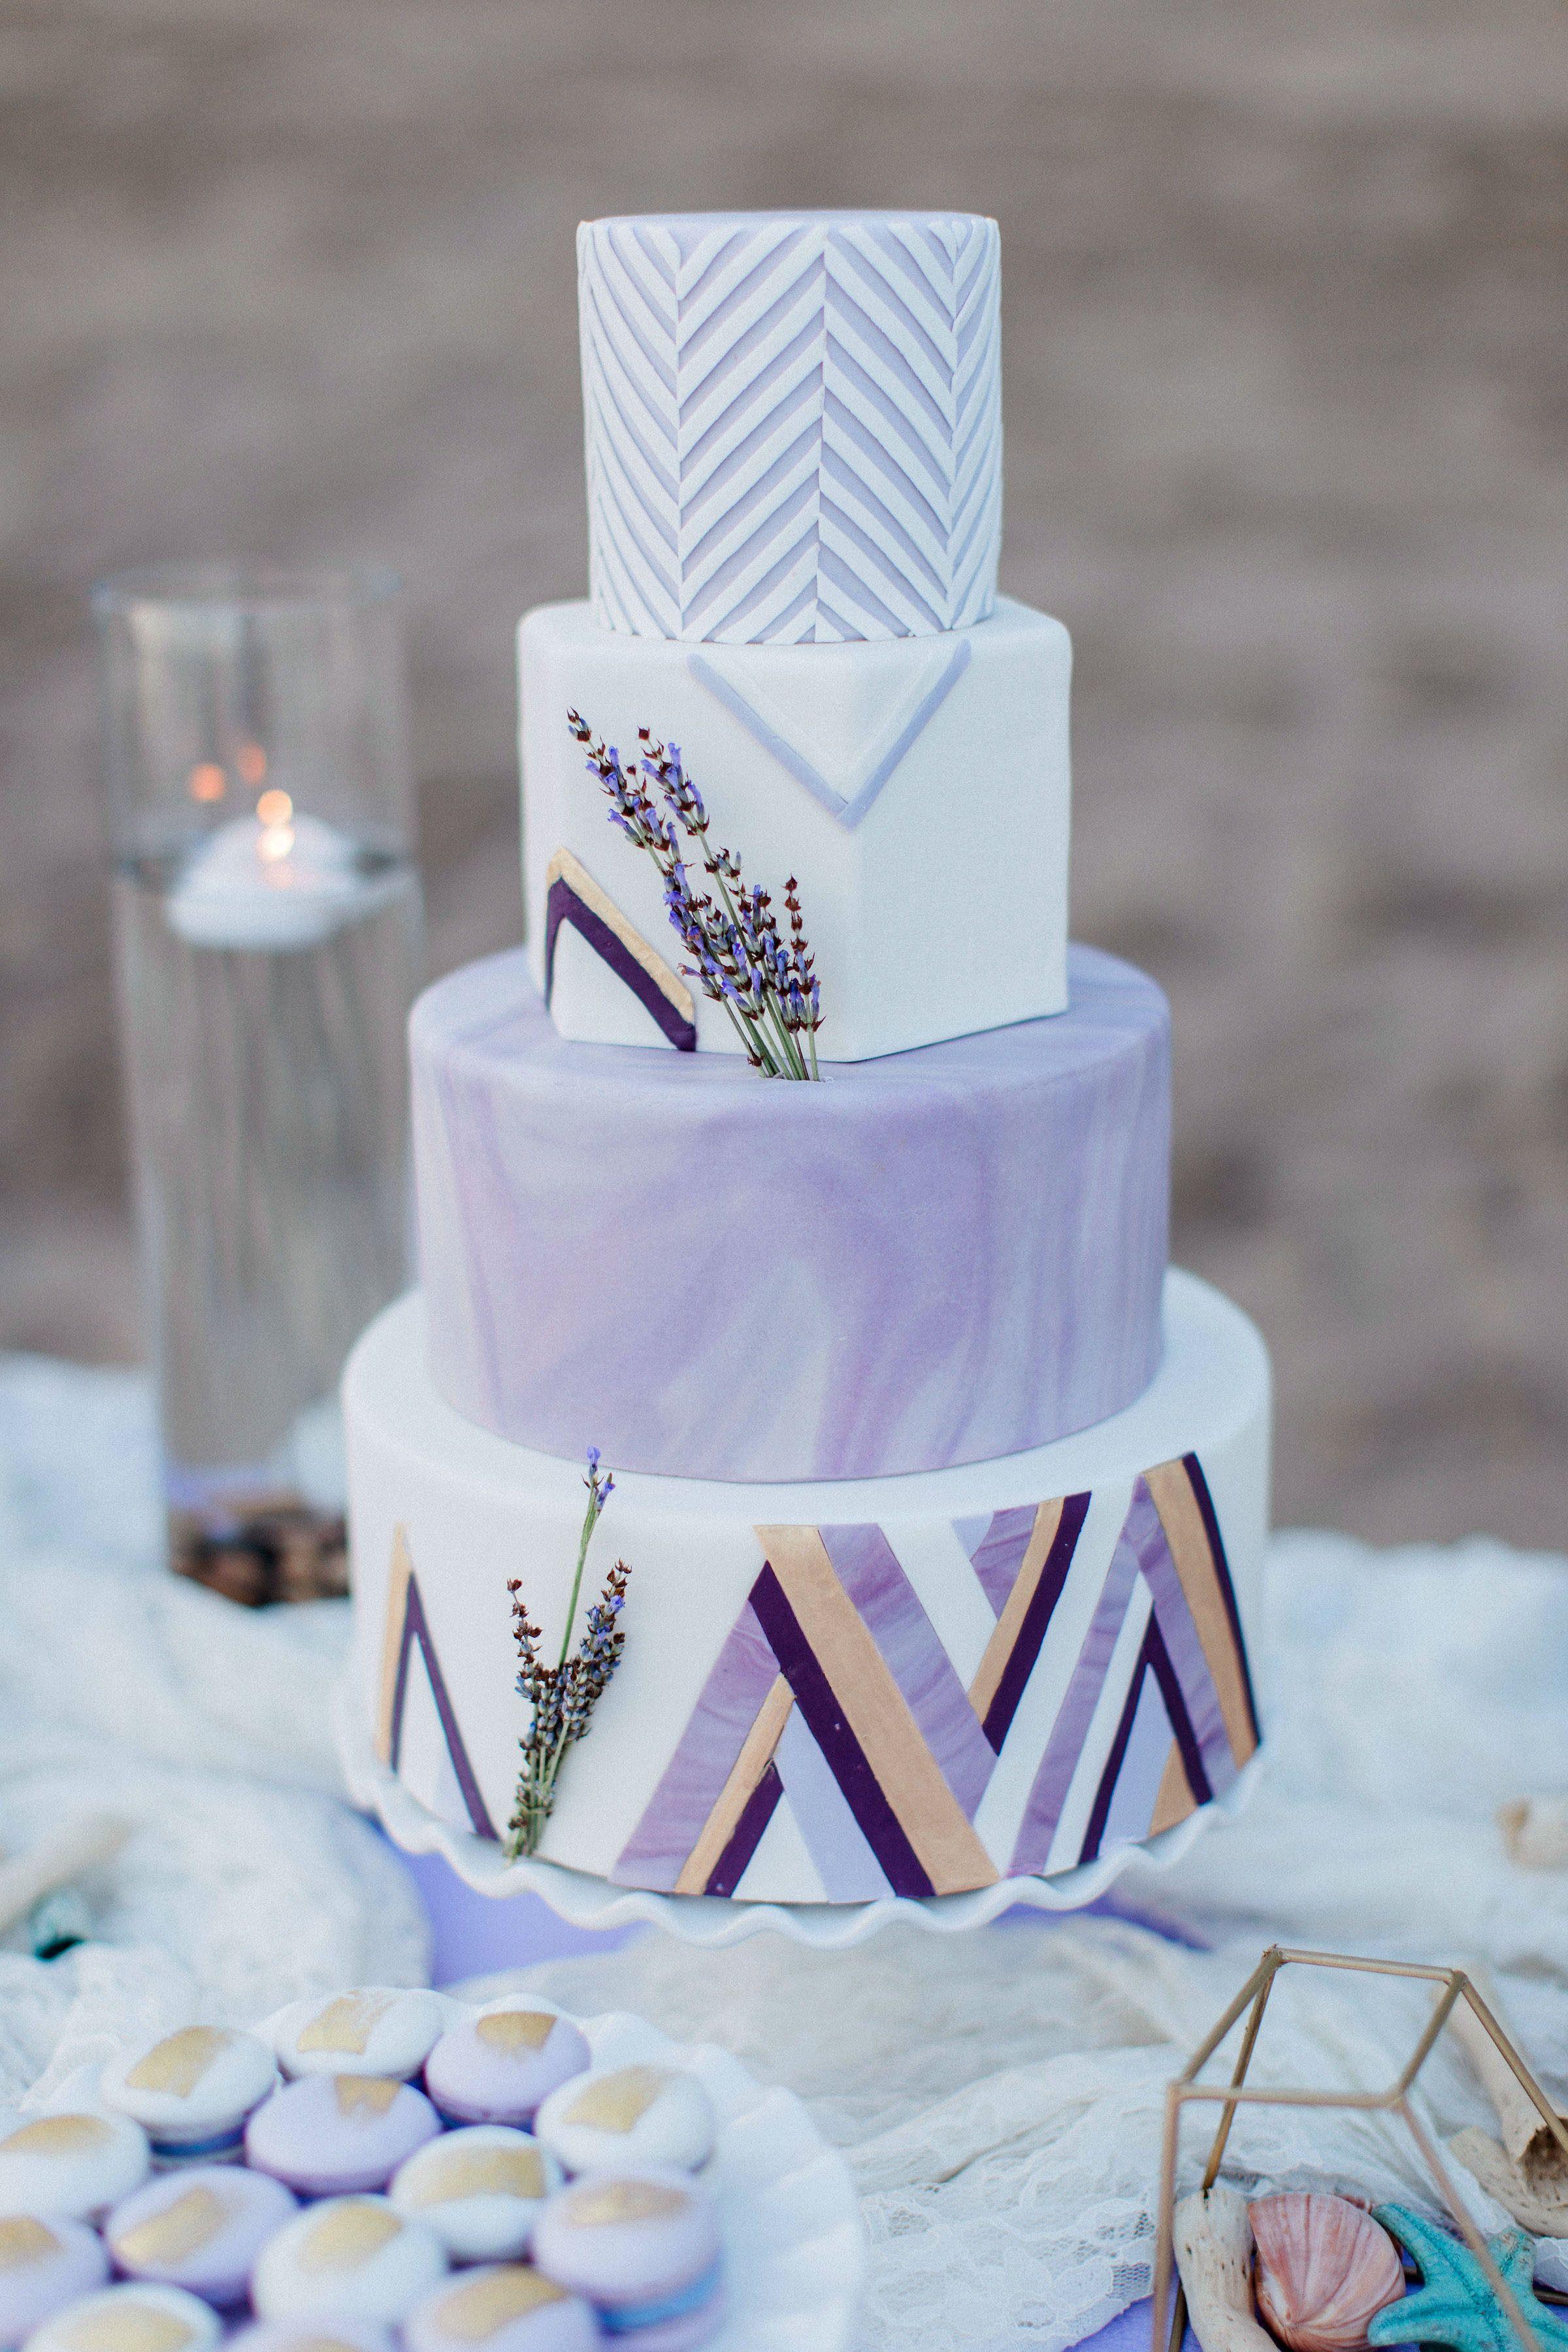 Boho styled lavender wedding cake baking up treble cakes